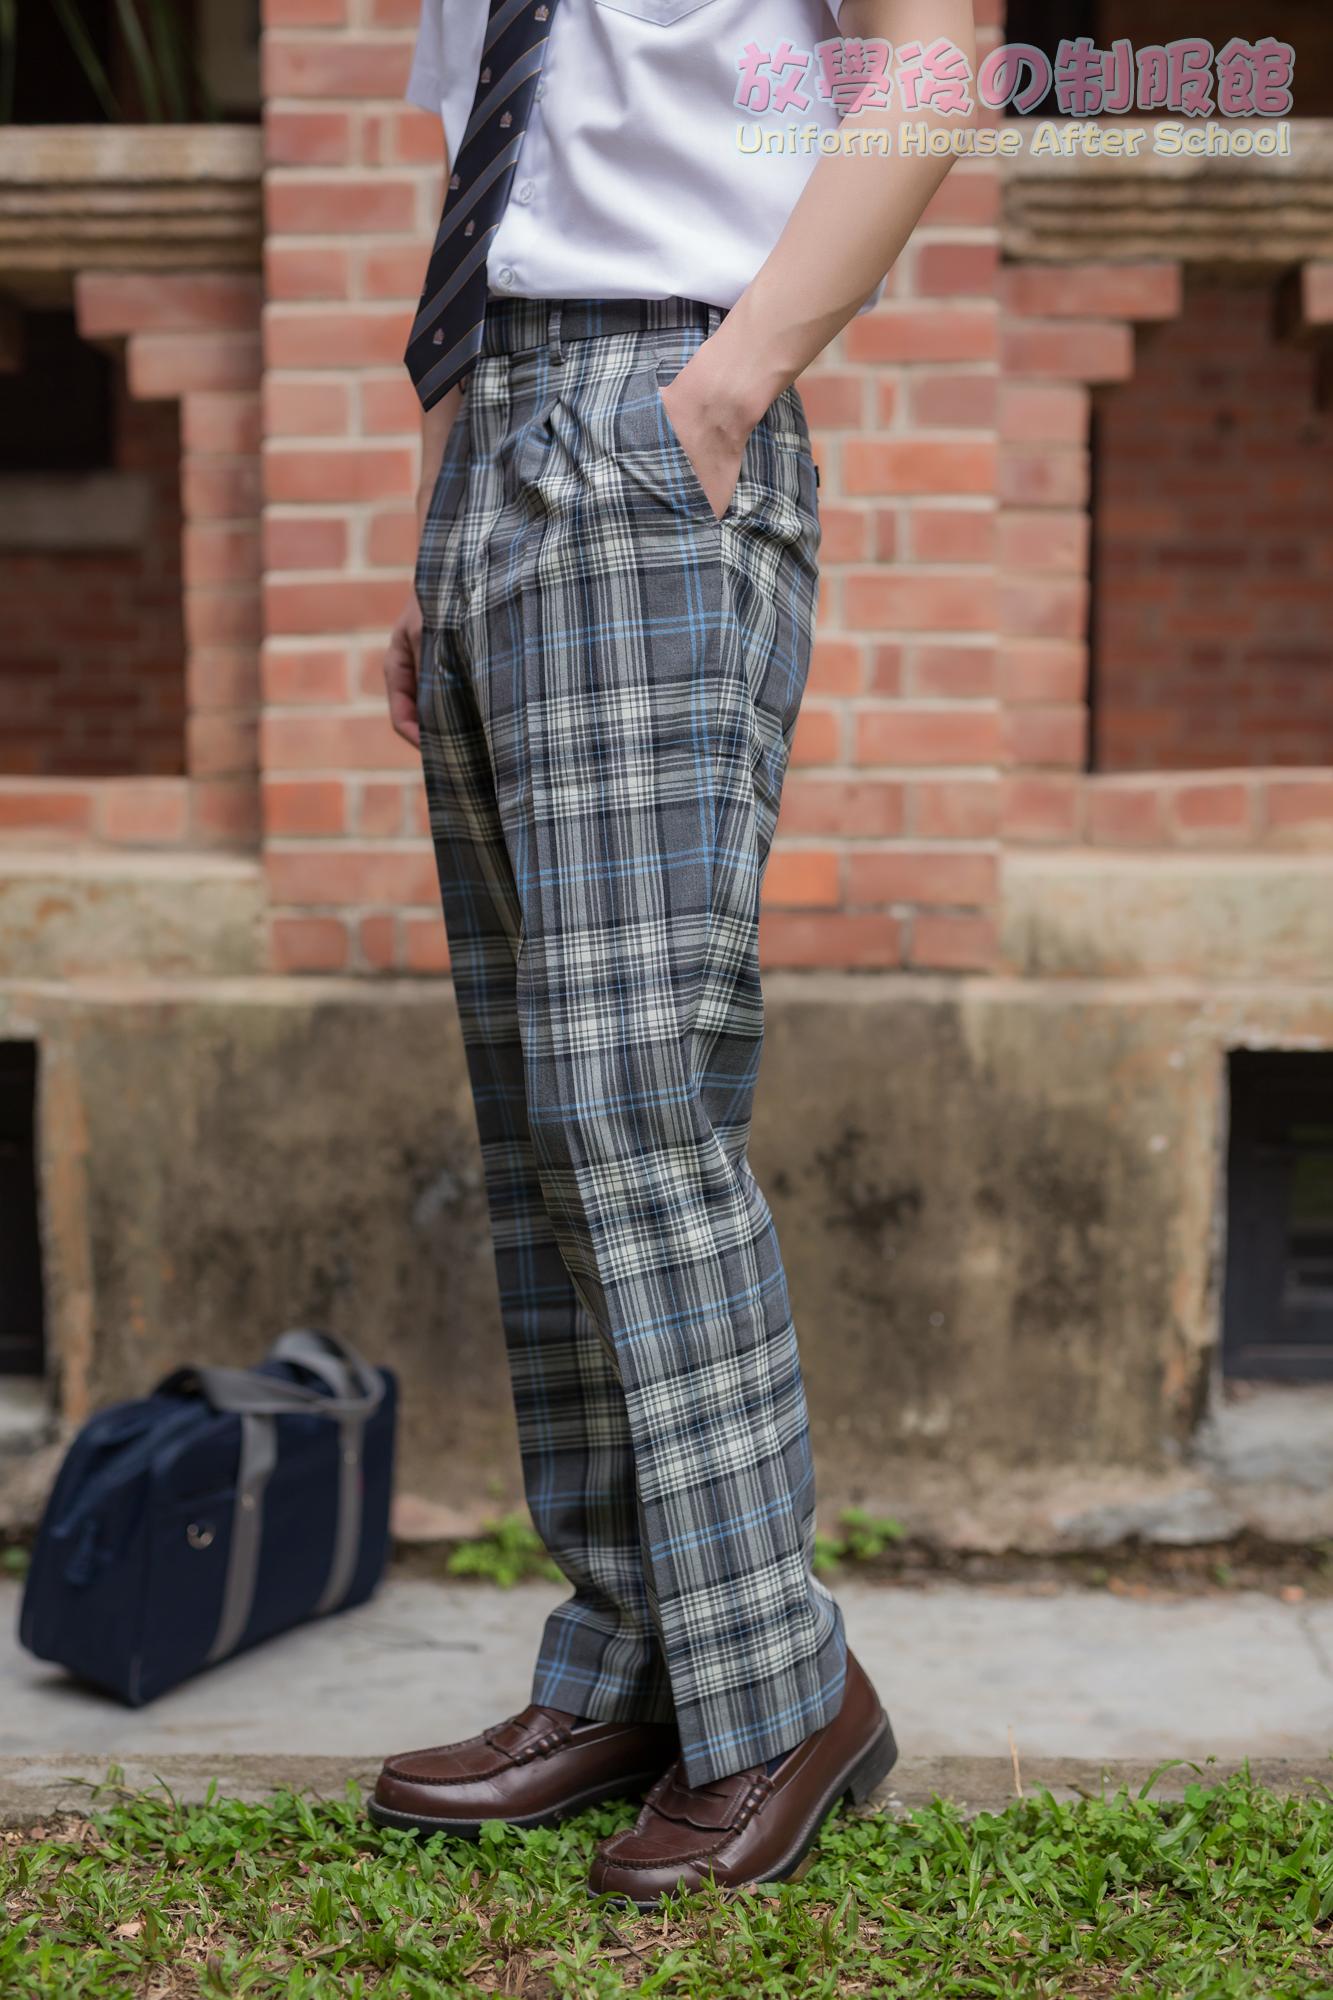 放学后 jk制服男校服裤夏季日系正统学生英伦格子dk班服长裤子